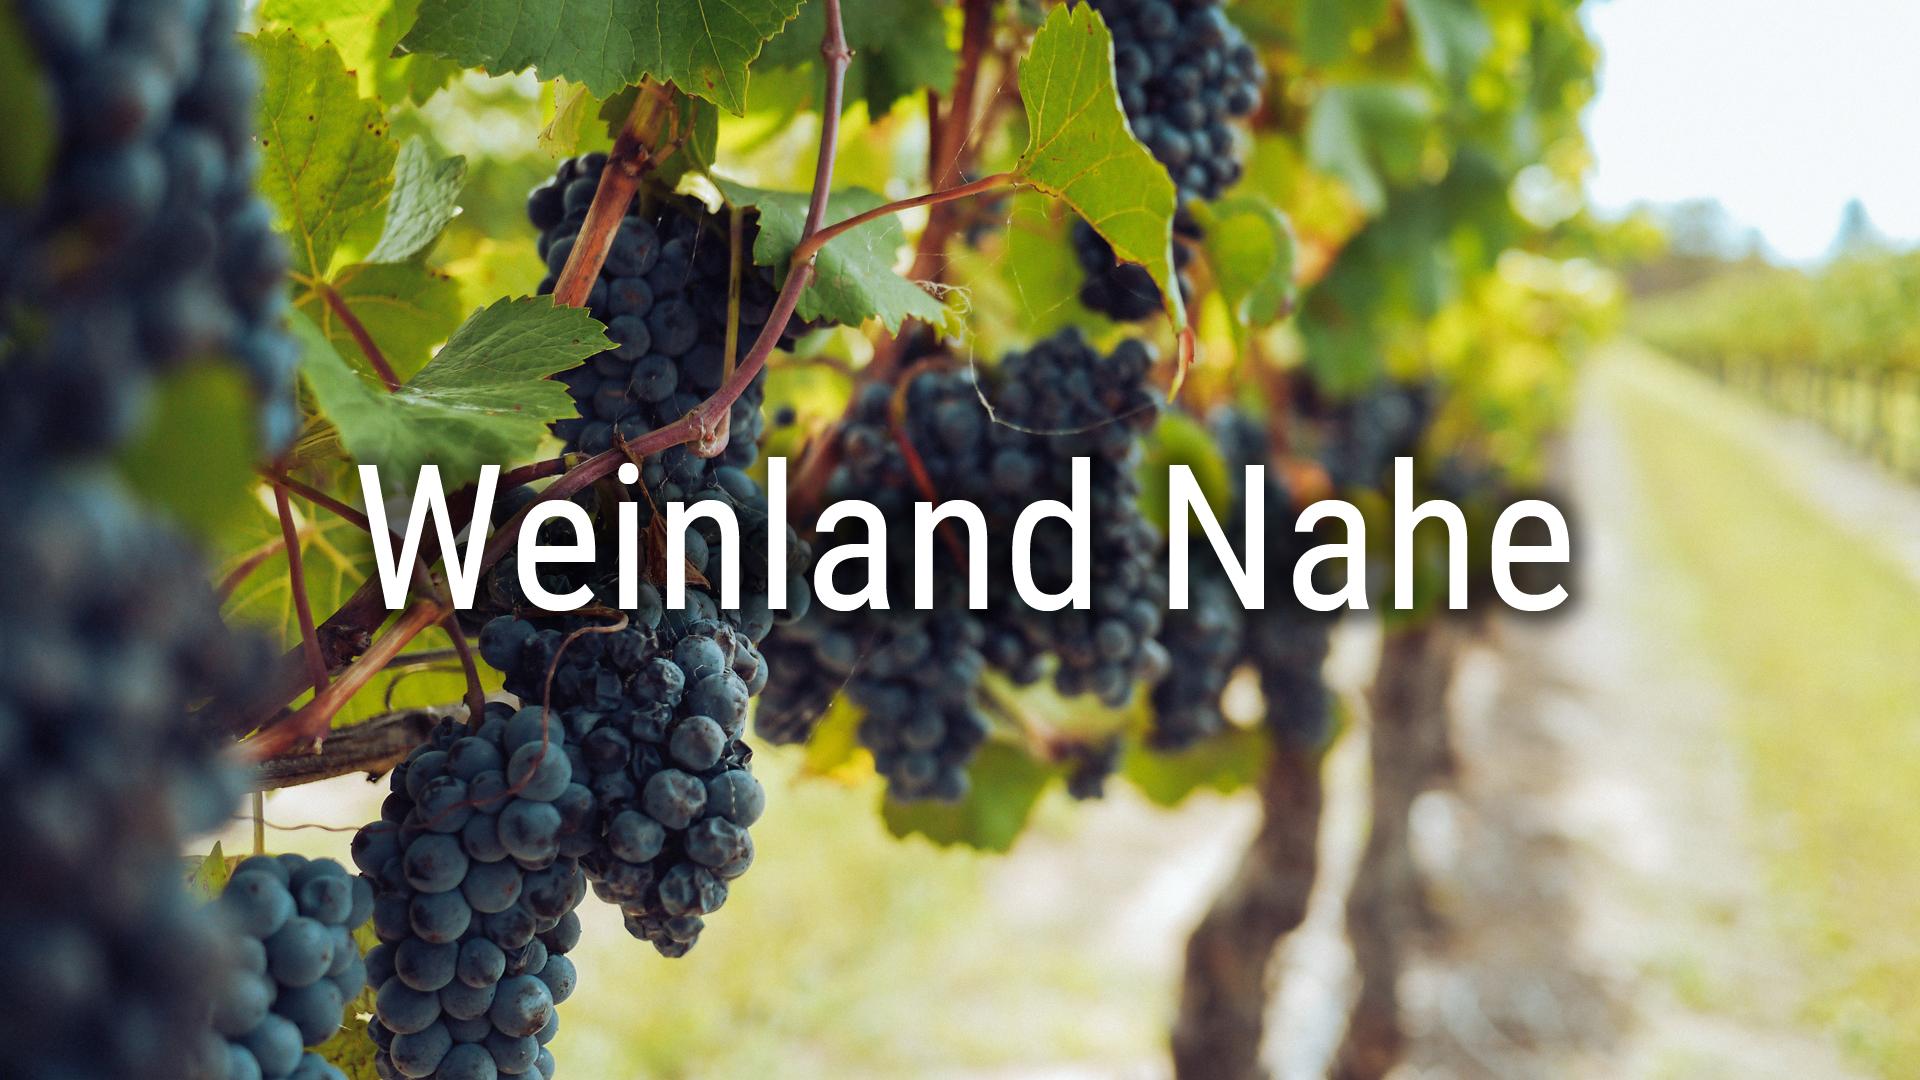 Weinland Nahe